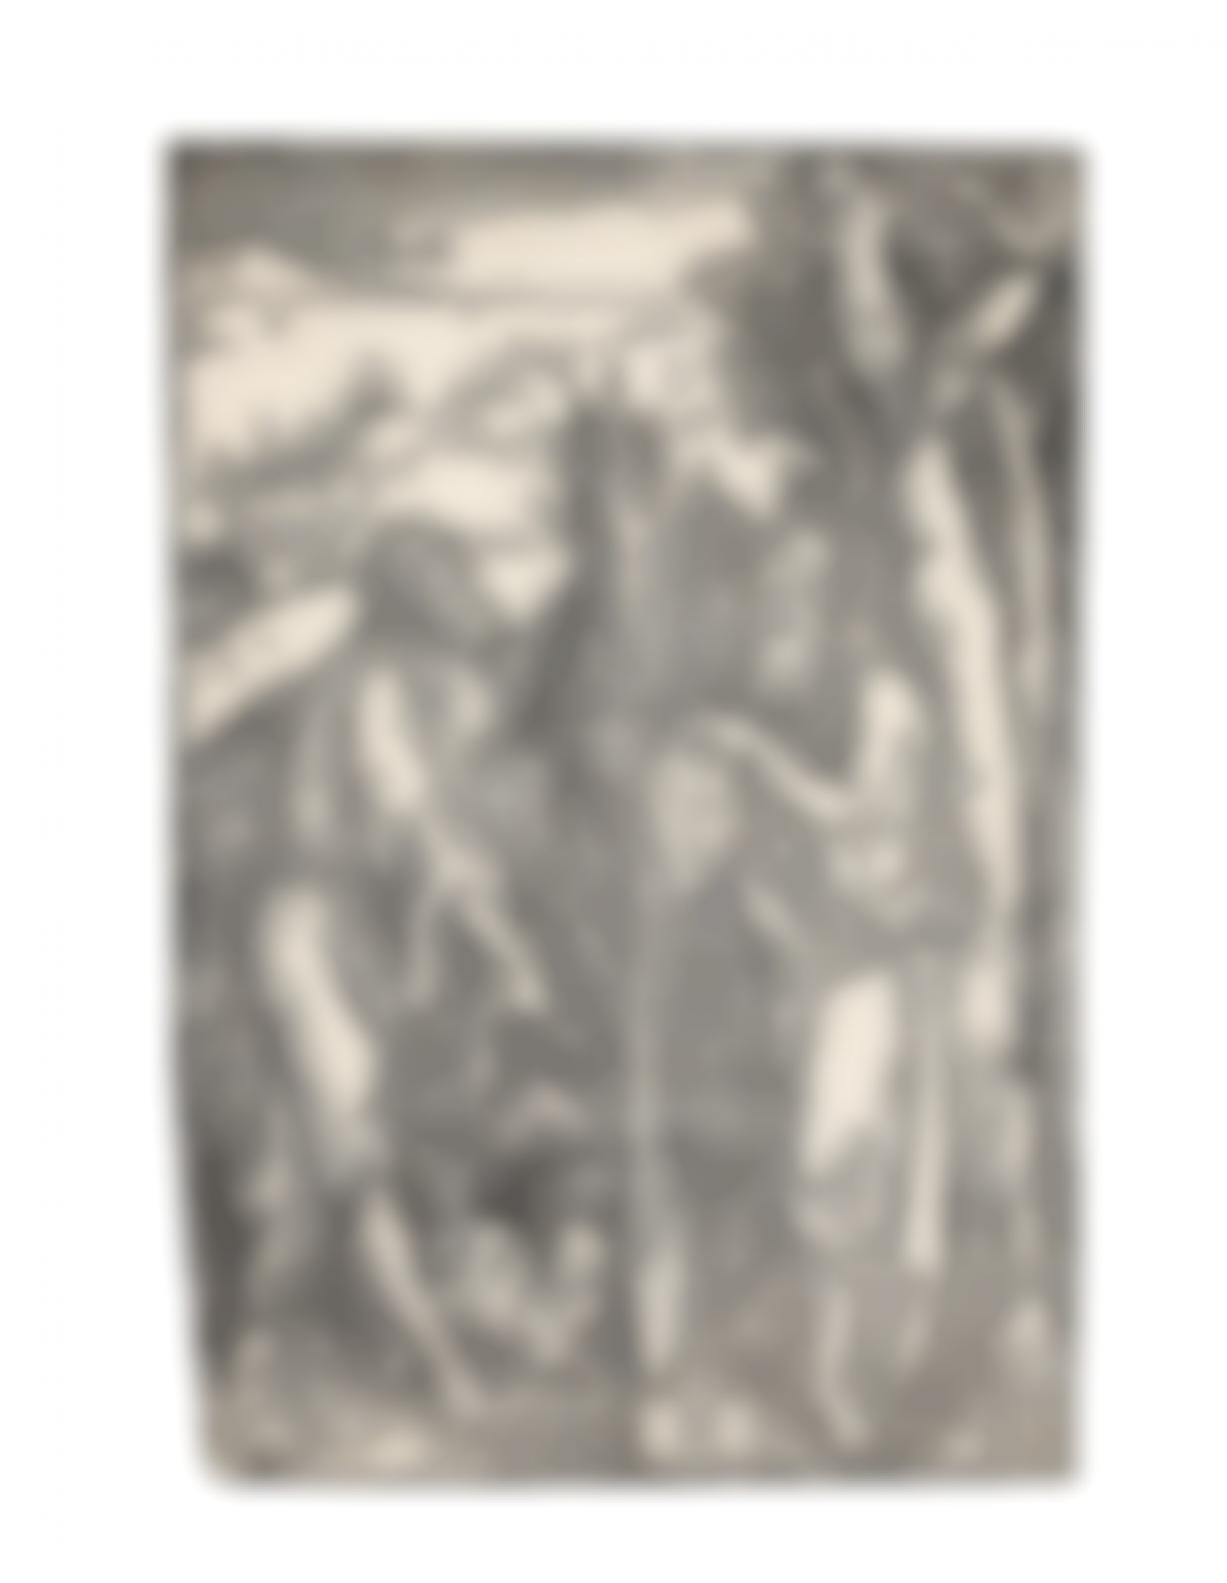 Albrecht Durer-St John The Baptist And St Onuphrius In The Wilderness (Bartsch 112;Meder, Hollstein 230; Schoch, Mende And Scherbaum 135)-1503